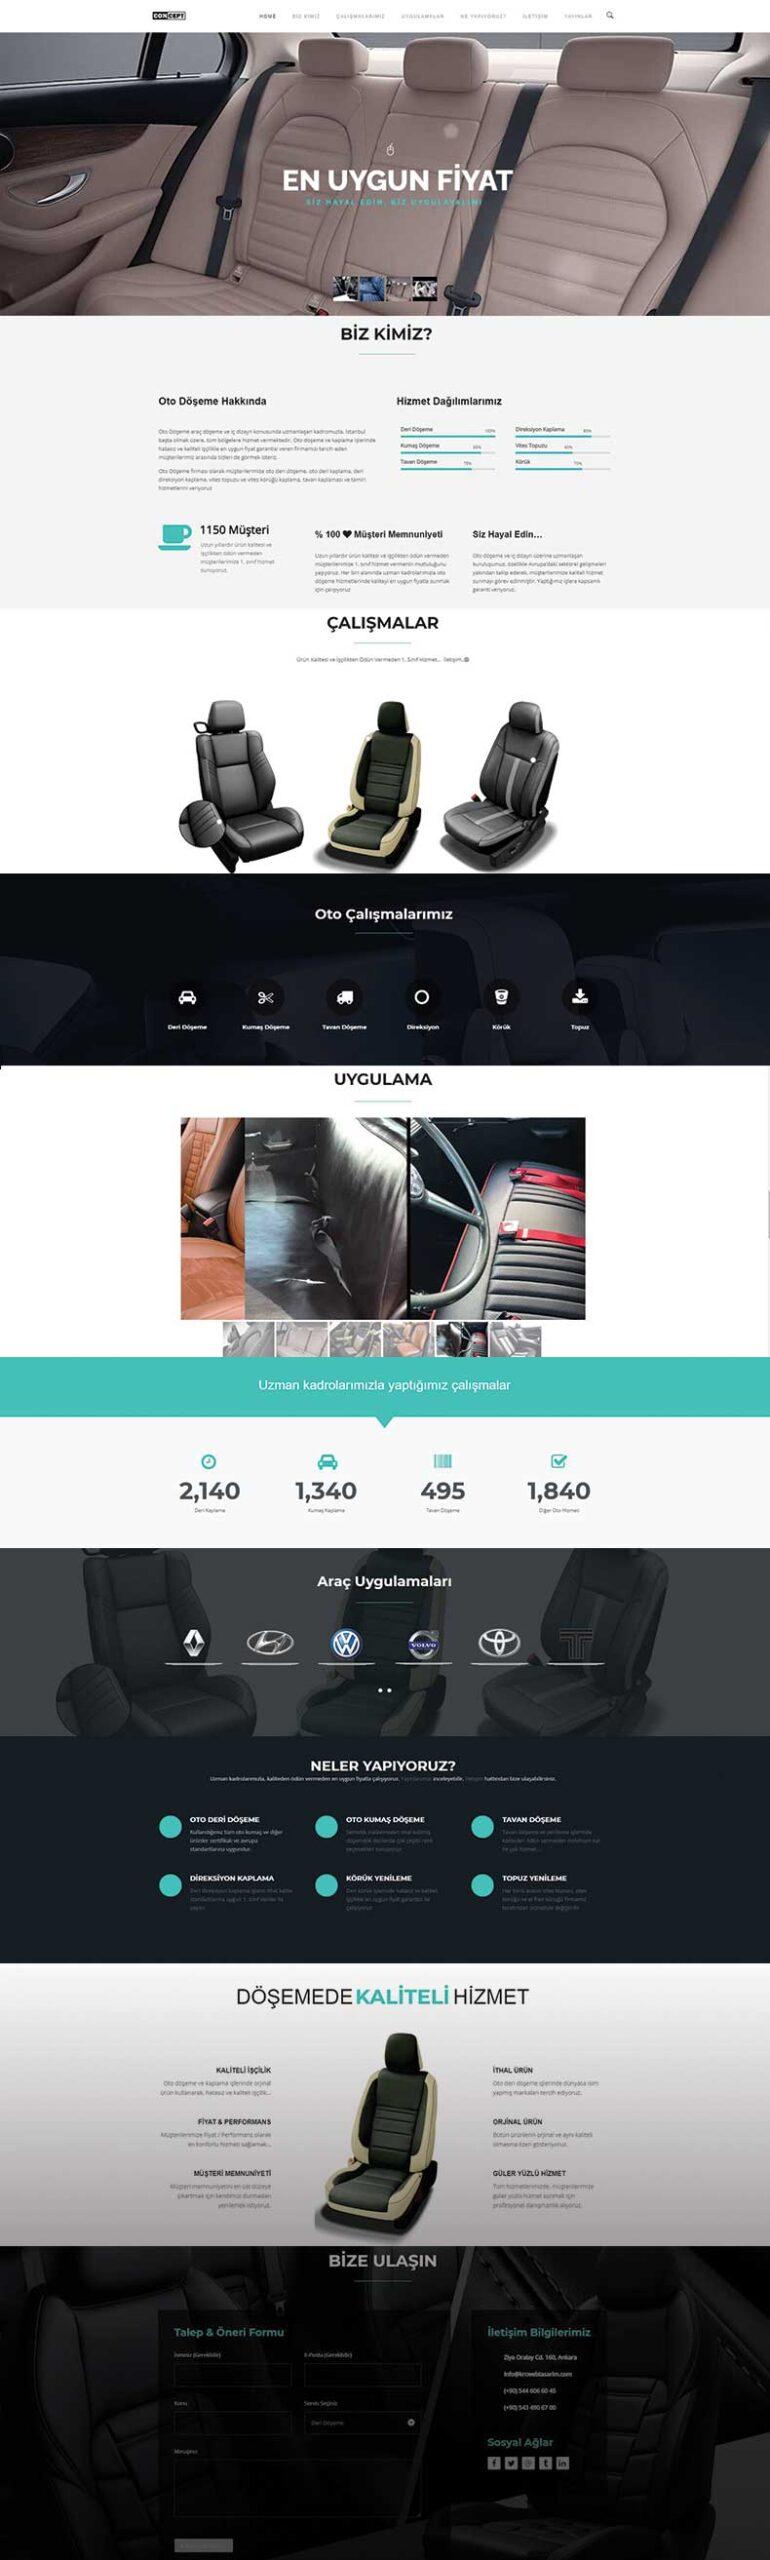 Concept Web Tasarımı